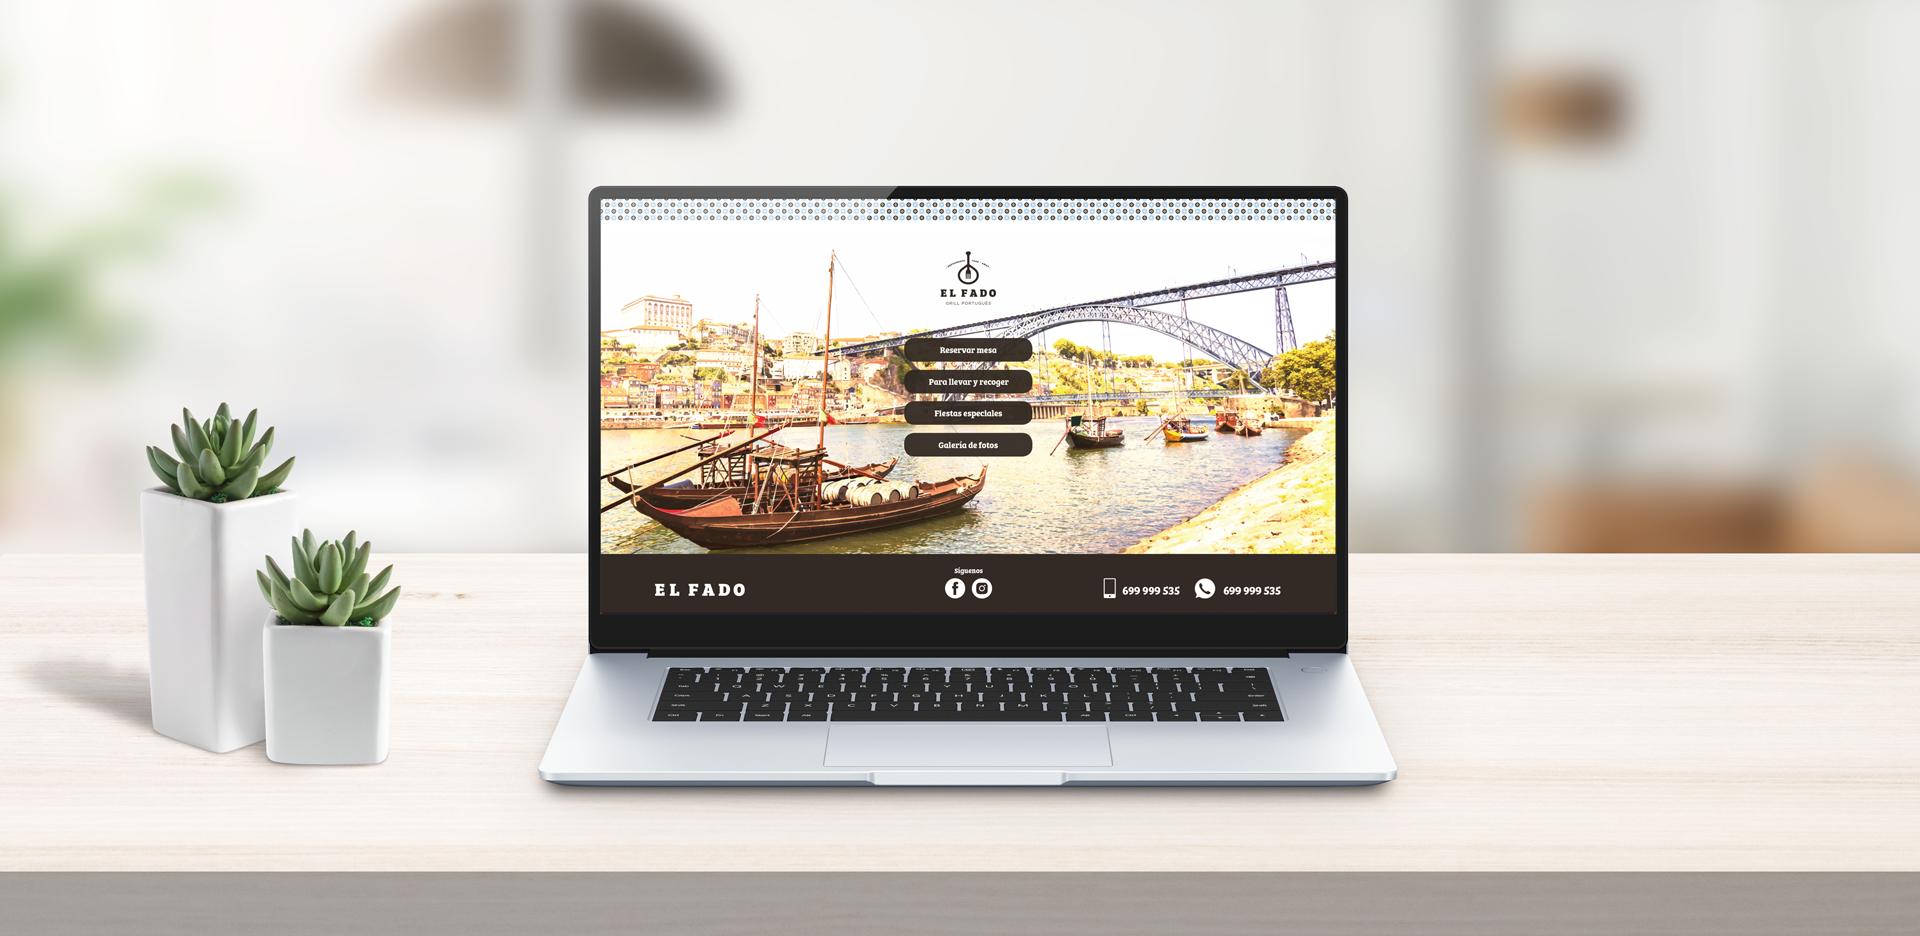 diseño_desarrollo_web_el_fado_restaurante_1